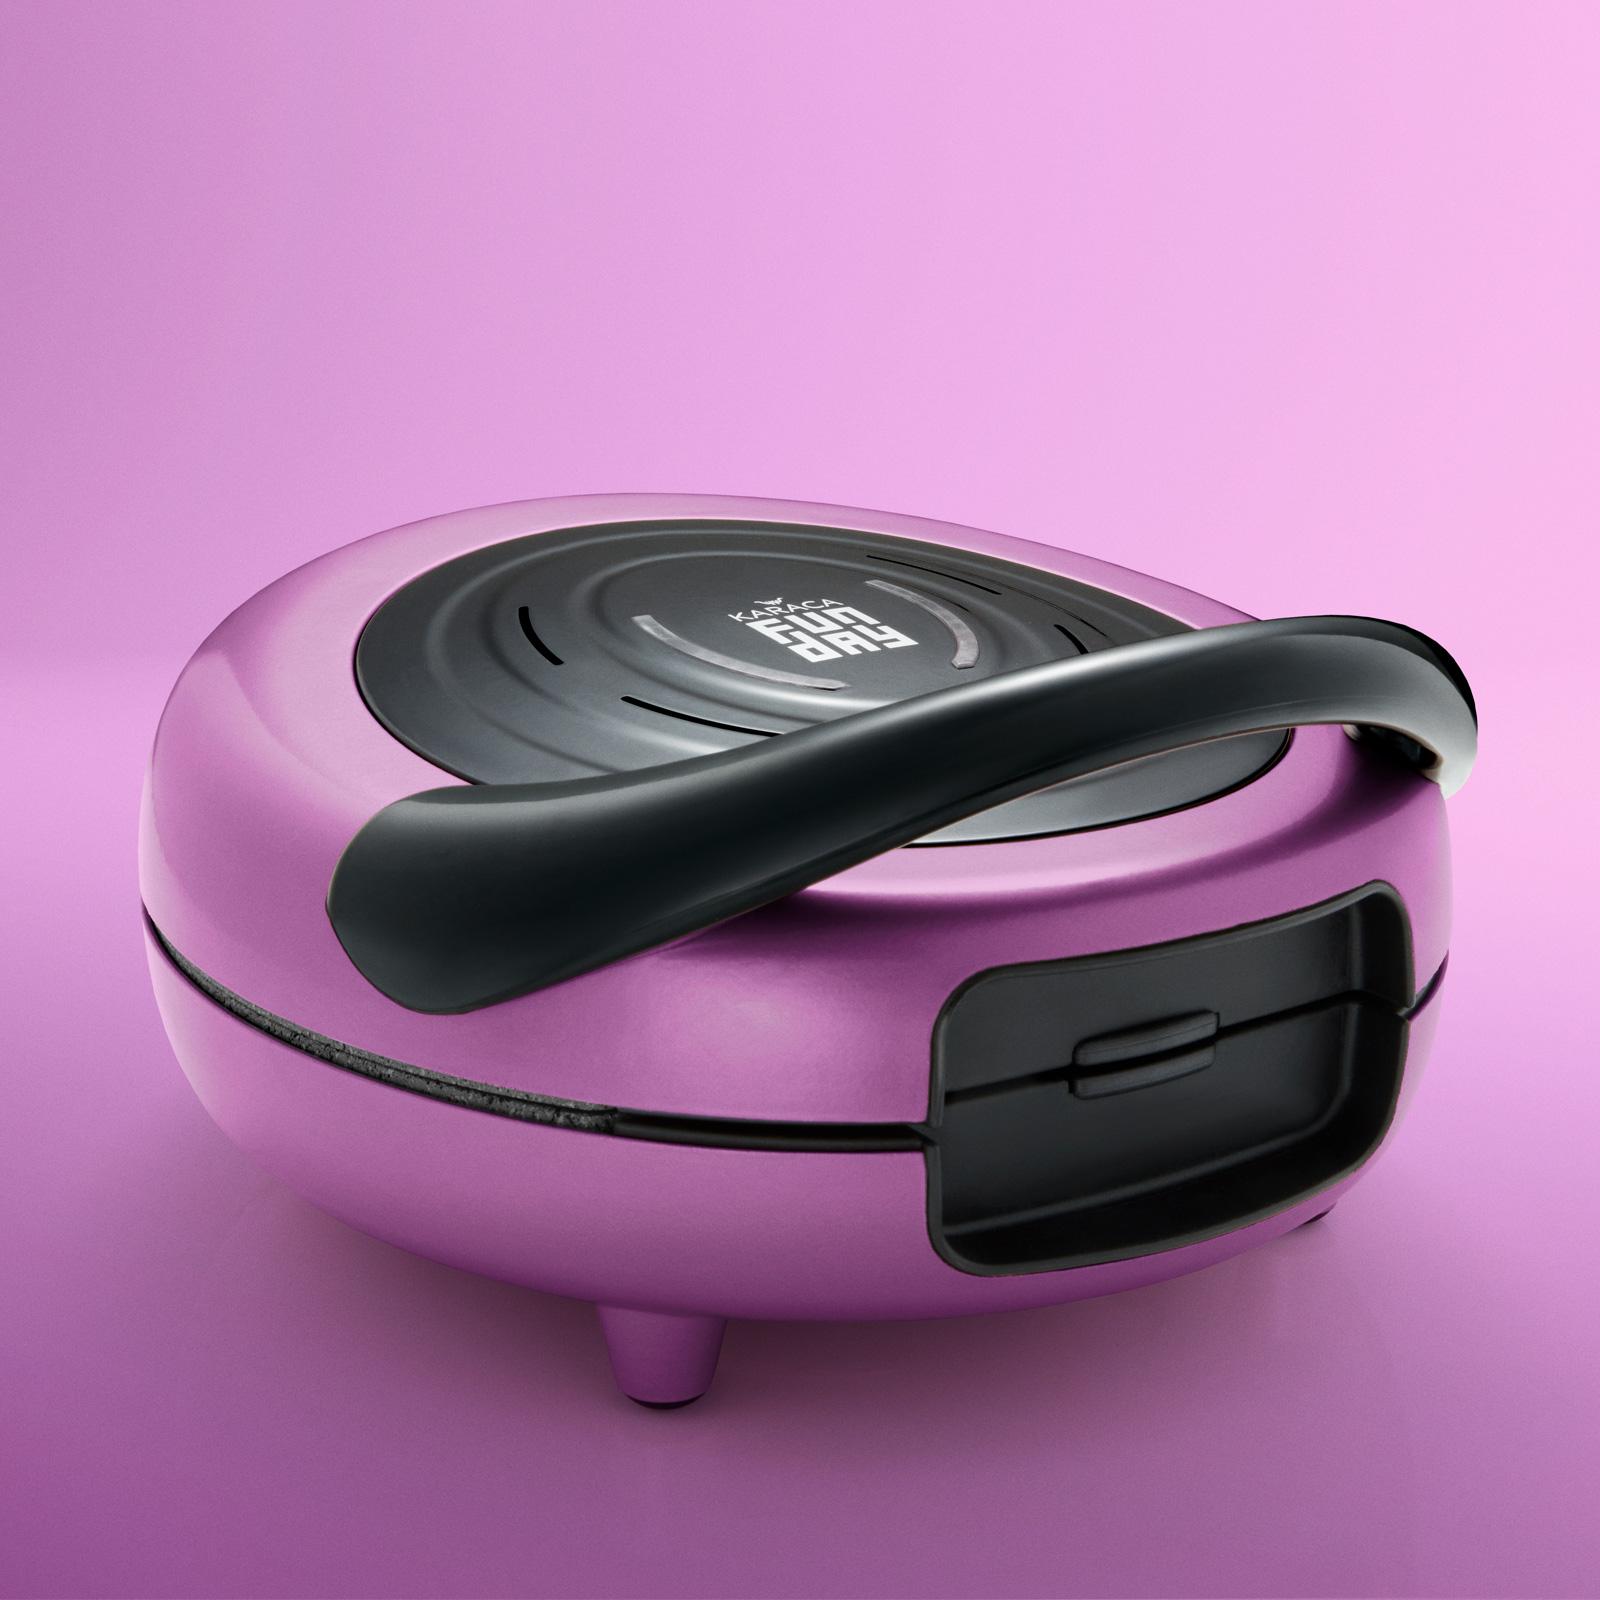 Karaca Funday Glossy Violet Waffle Makinesi 1000W